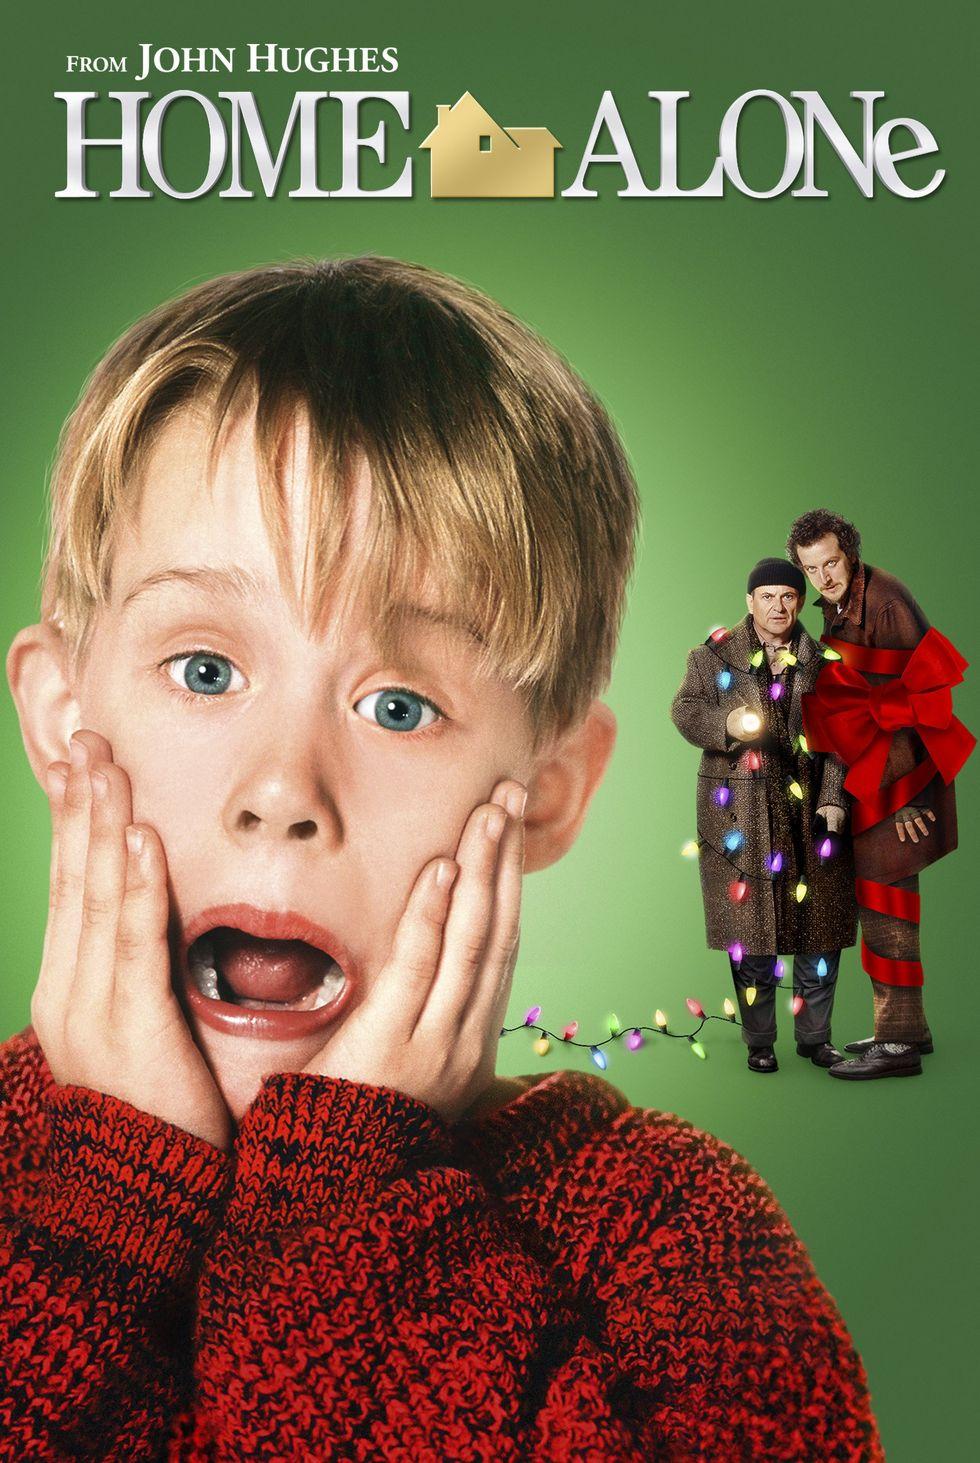 A Christmas Family Comedy with Macaulay Culkin